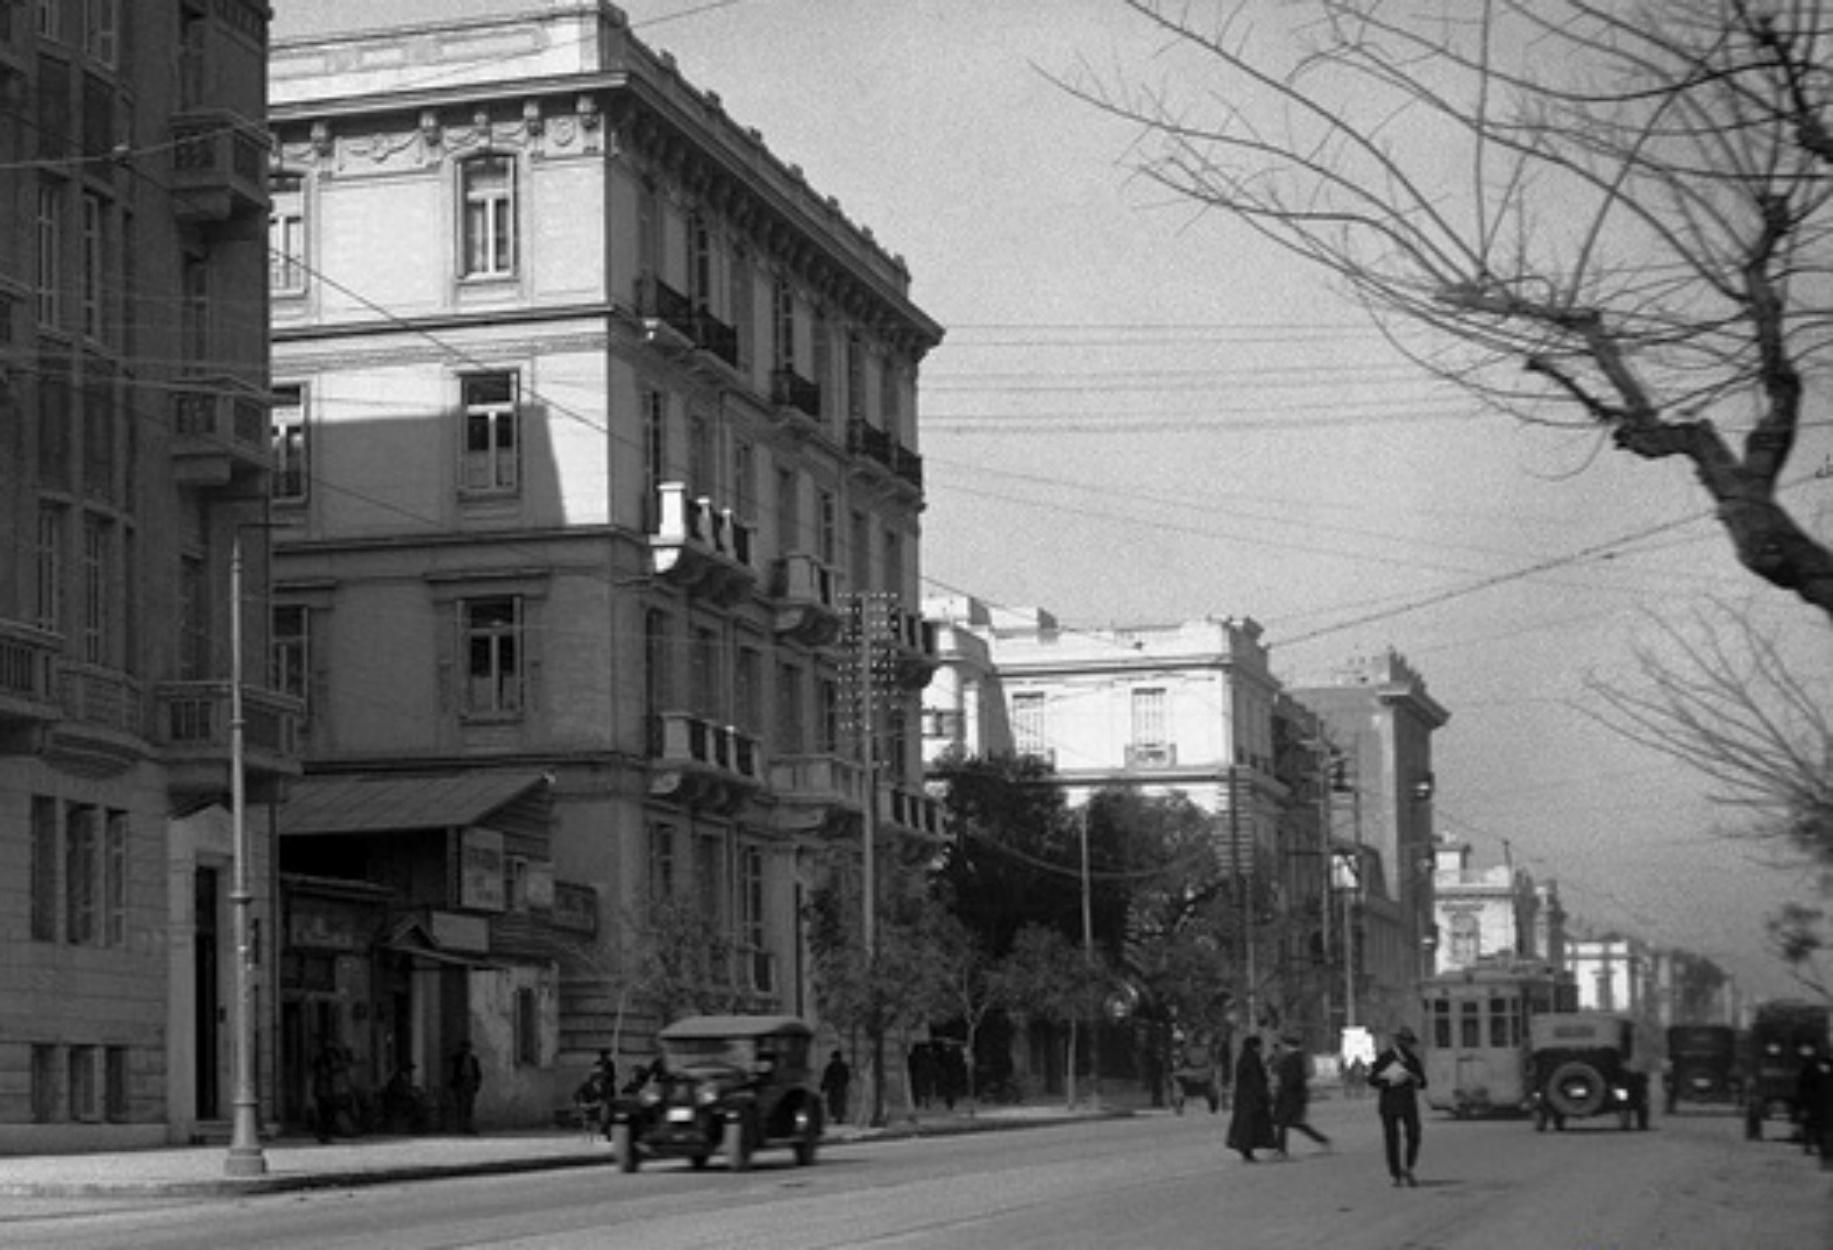 Τέσσερις περιοχές της παλιάς Αθήνας που άλλαξαν όνομα μέσα στα χρόνια